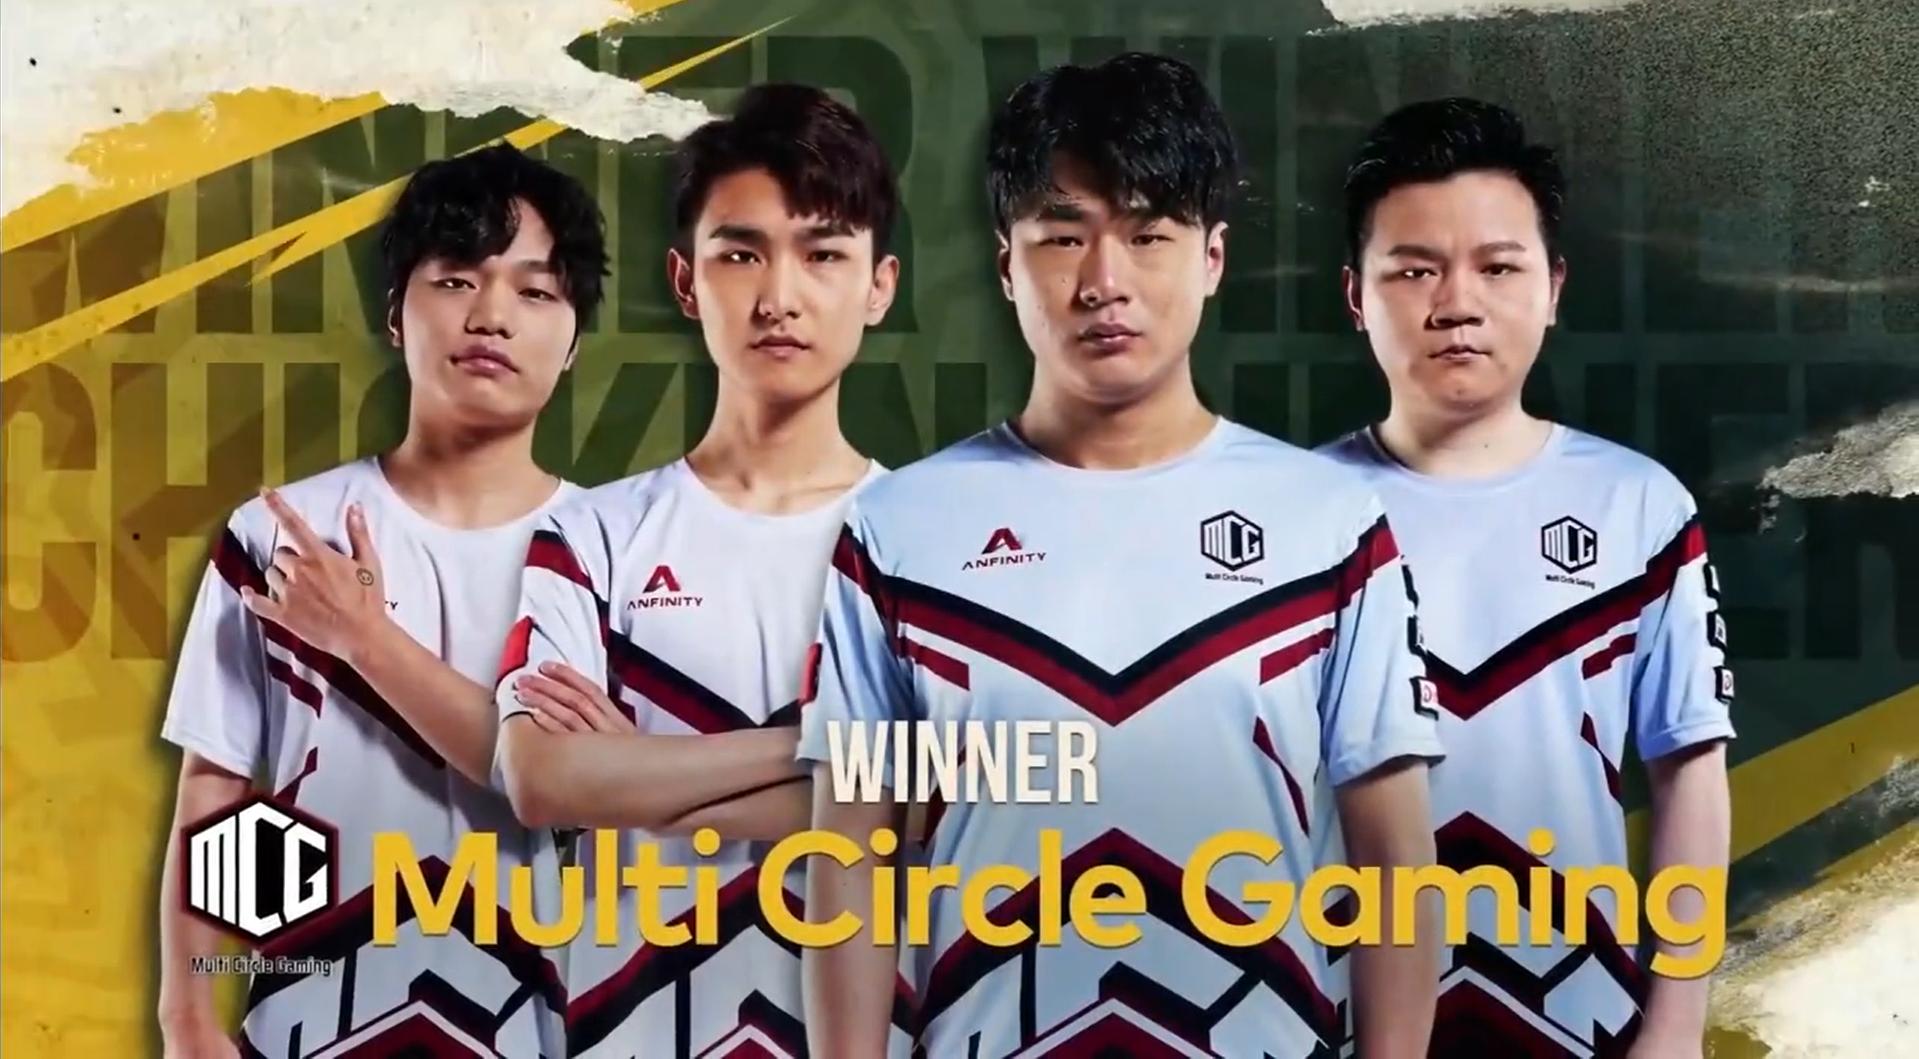 PCS4东亚洲际赛第二周战罢:PeRo战队问鼎周冠,PCL包揽前三